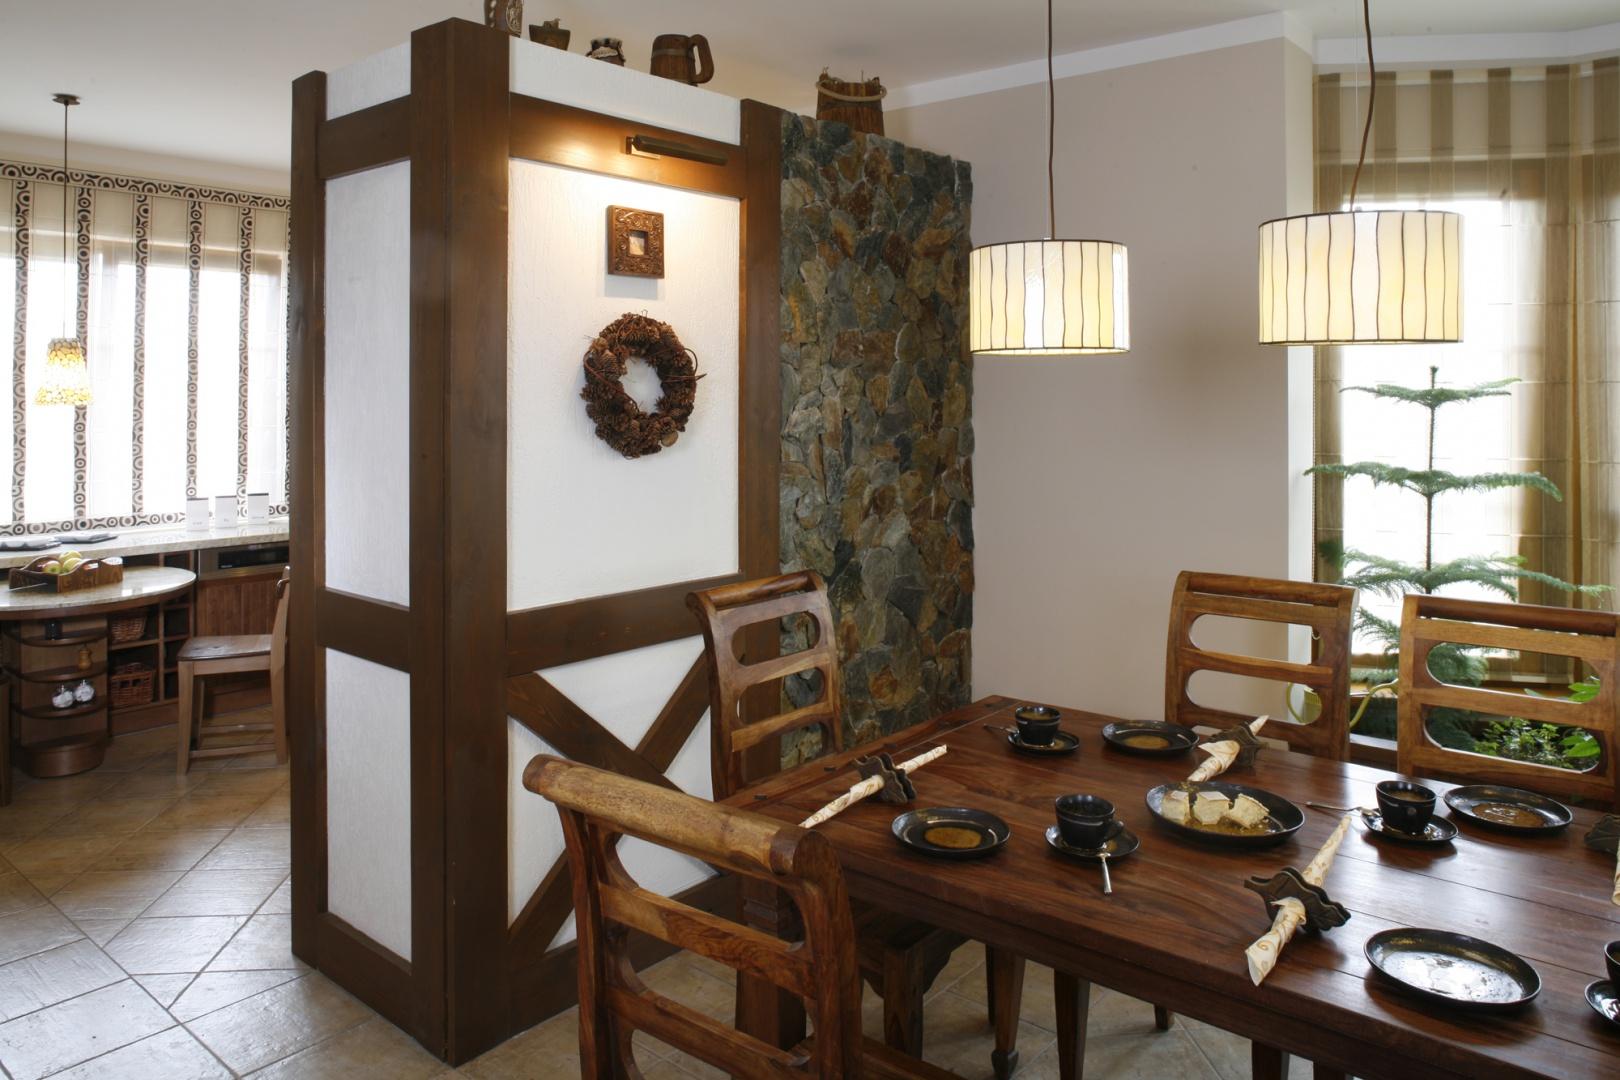 Strefa jadalniana od kuchennej została oddzielona przez projektantkę dekoracyjną ścianką. Fot. Monika Filipiuk.